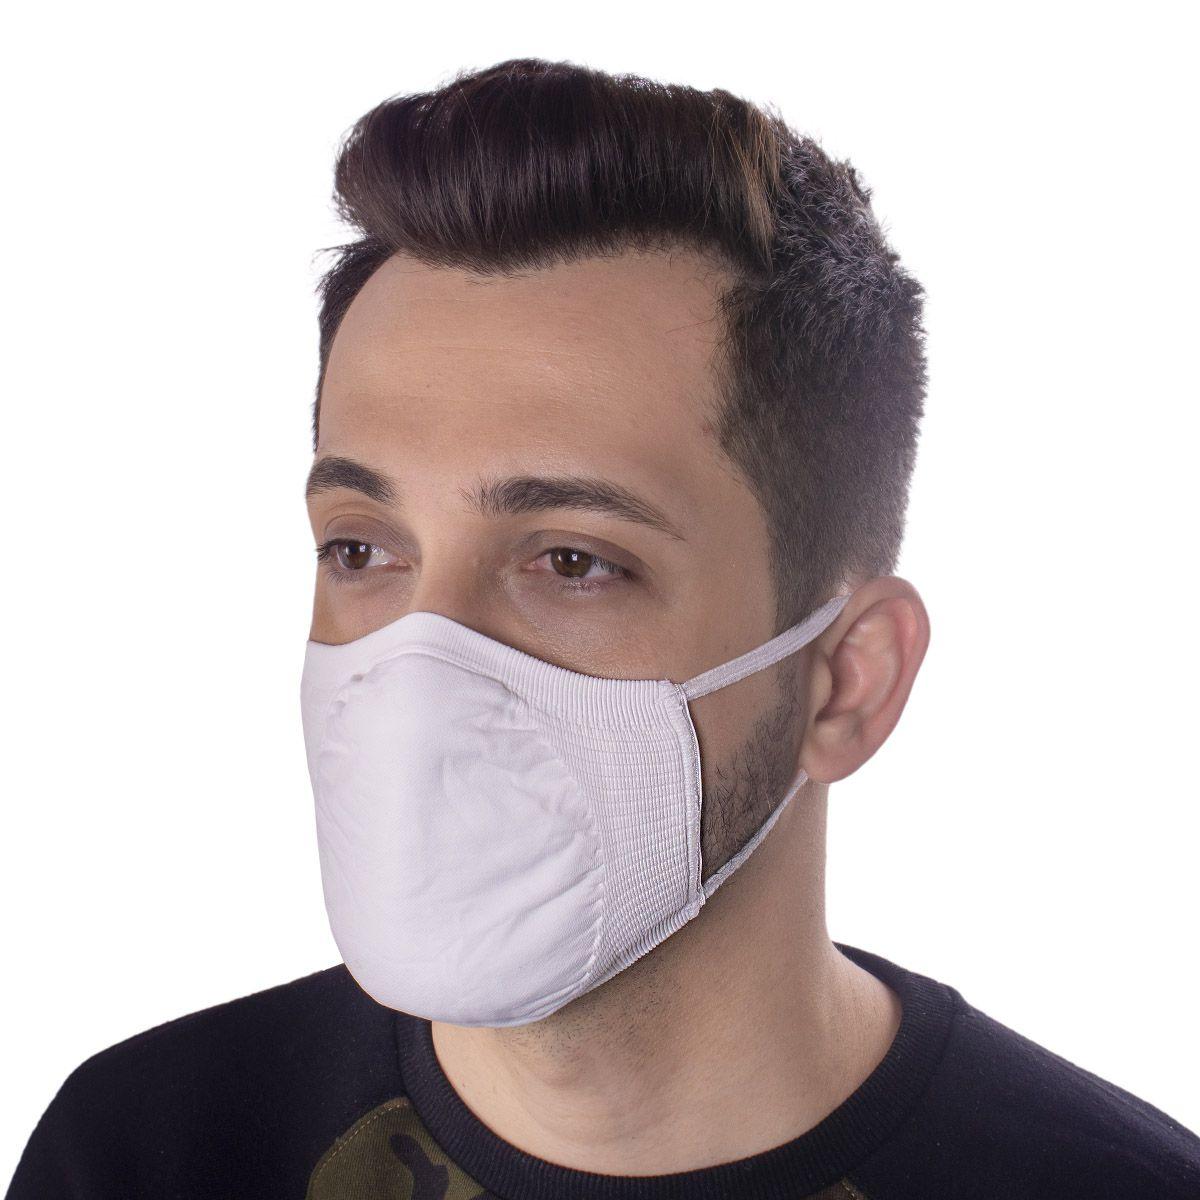 Kit com 2 Unidades de Máscaras de Proteção LUPO